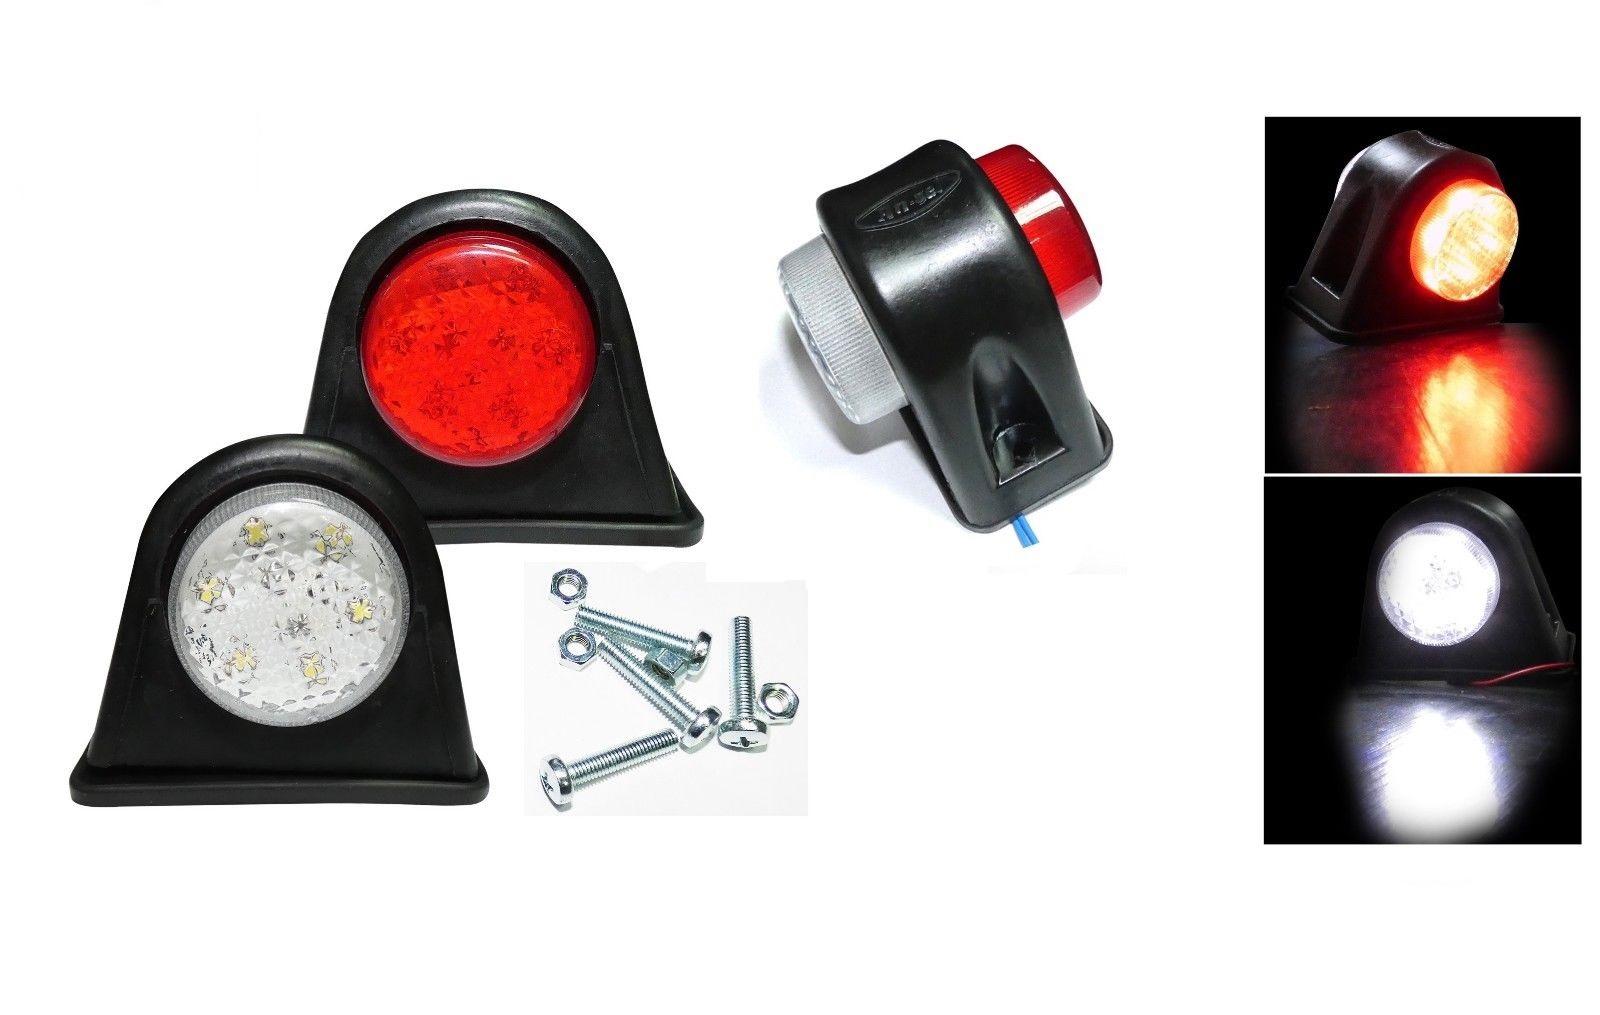 Σέτ LED Όγκου Ωμέγα Κερατάκια 12V IP66 Κόκκινό Λευκό